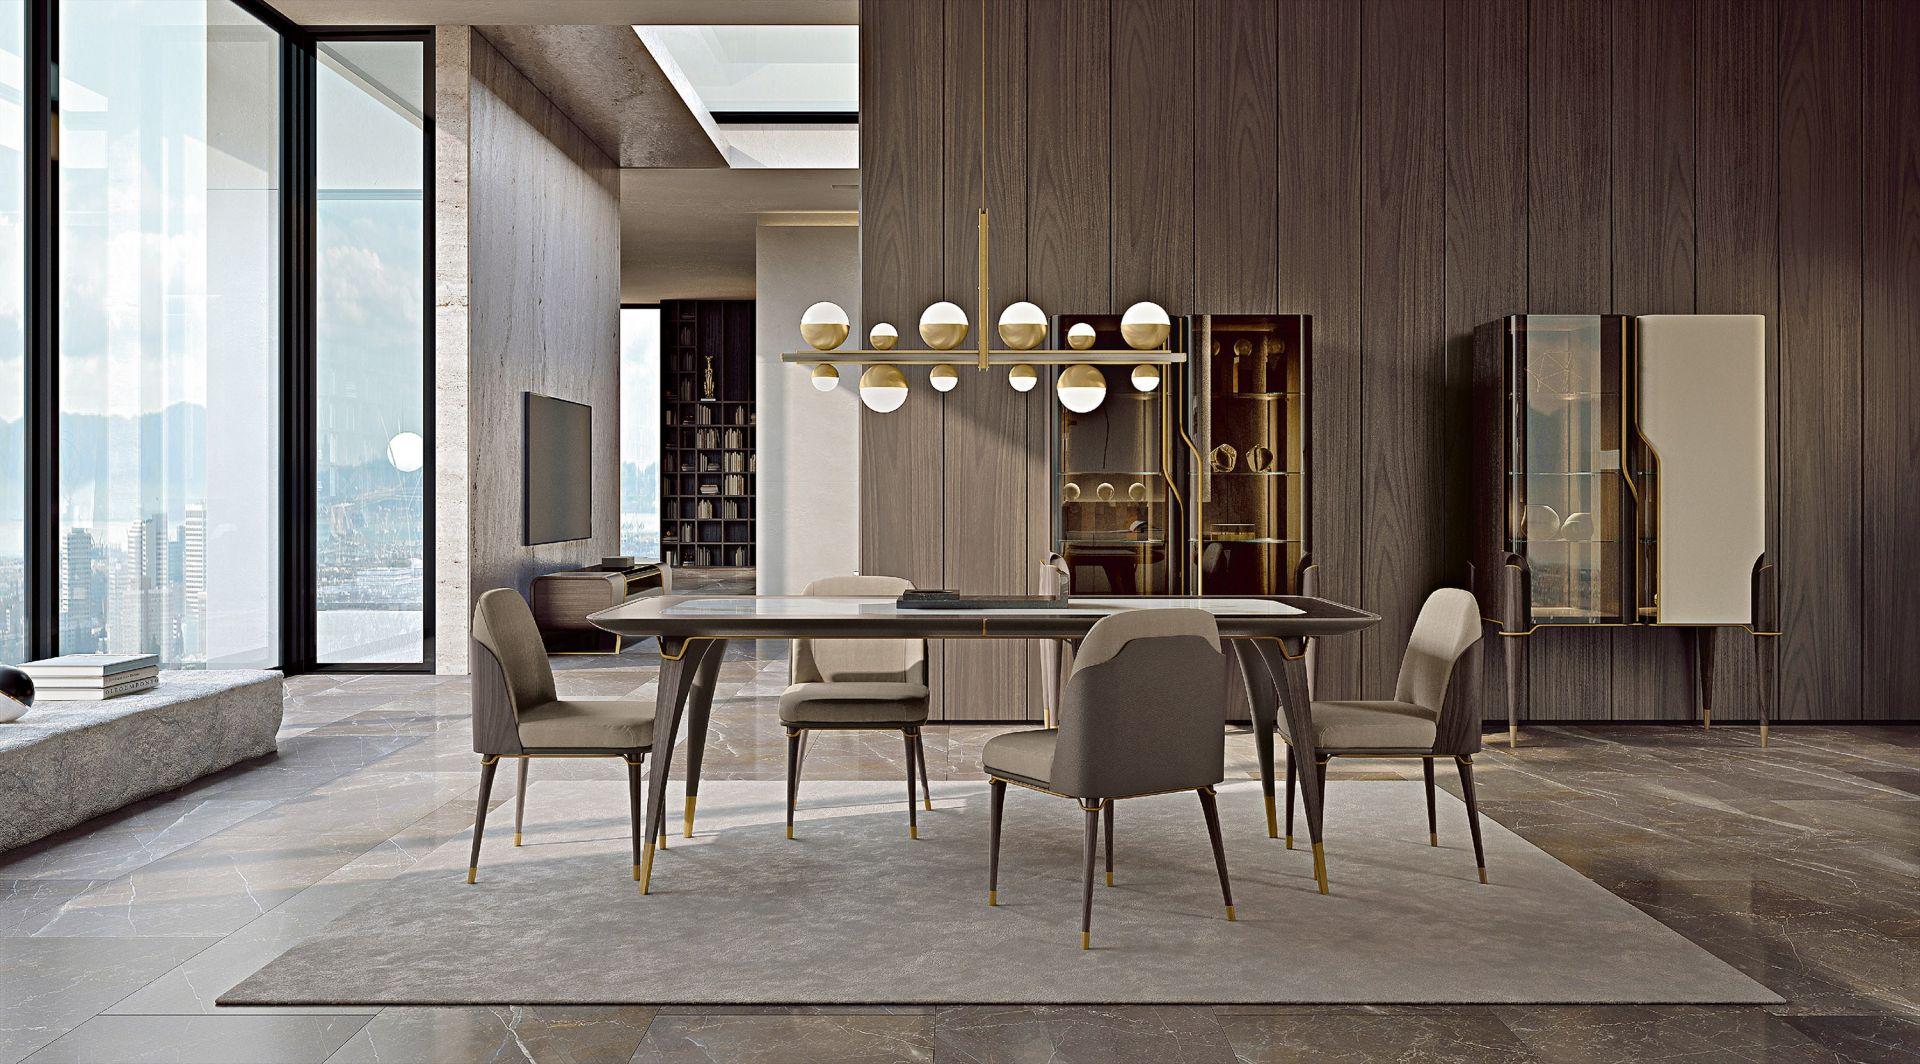 Projekt, wyraźnie charakterystyczny, jest teraz daleki od stylu klasycznego. Fot. Turri Meltinglight dining room